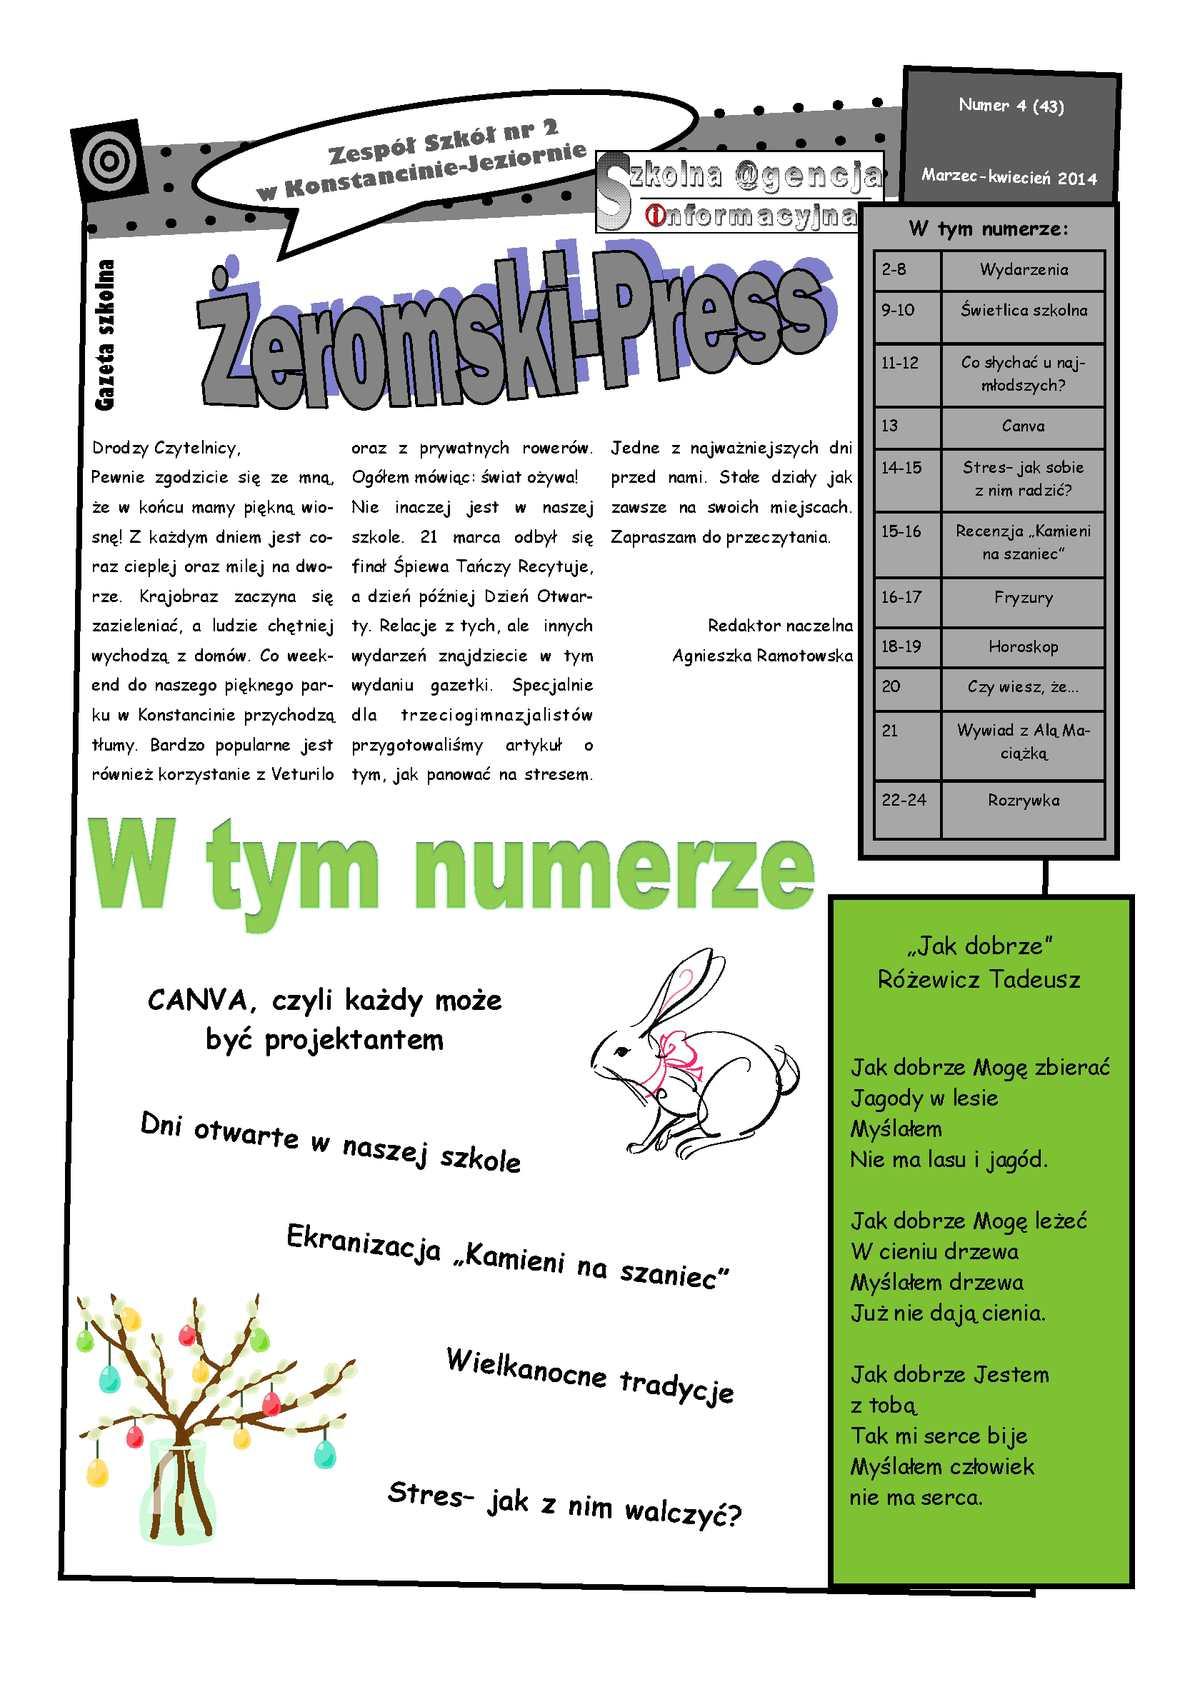 Calaméo żeromski Press Marzec Kwiecień 2014